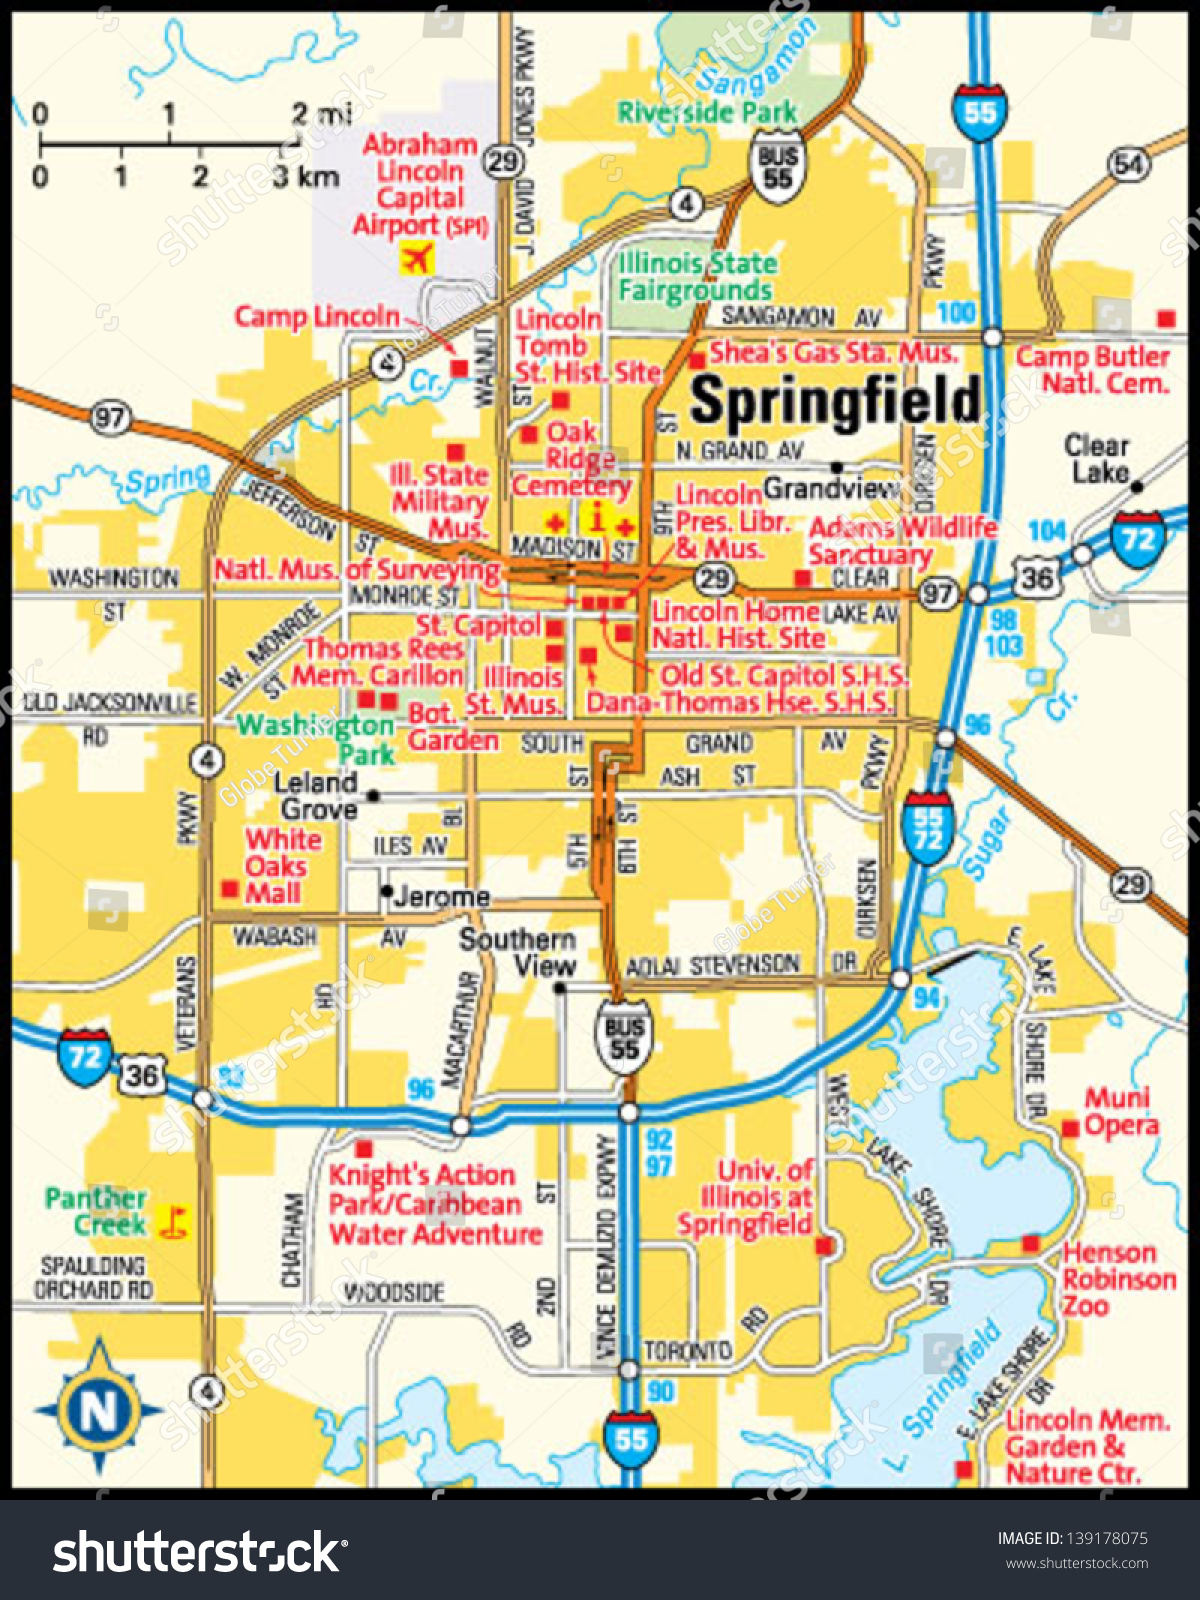 springfield illinois area map. springfield illinois area map stock vector   shutterstock